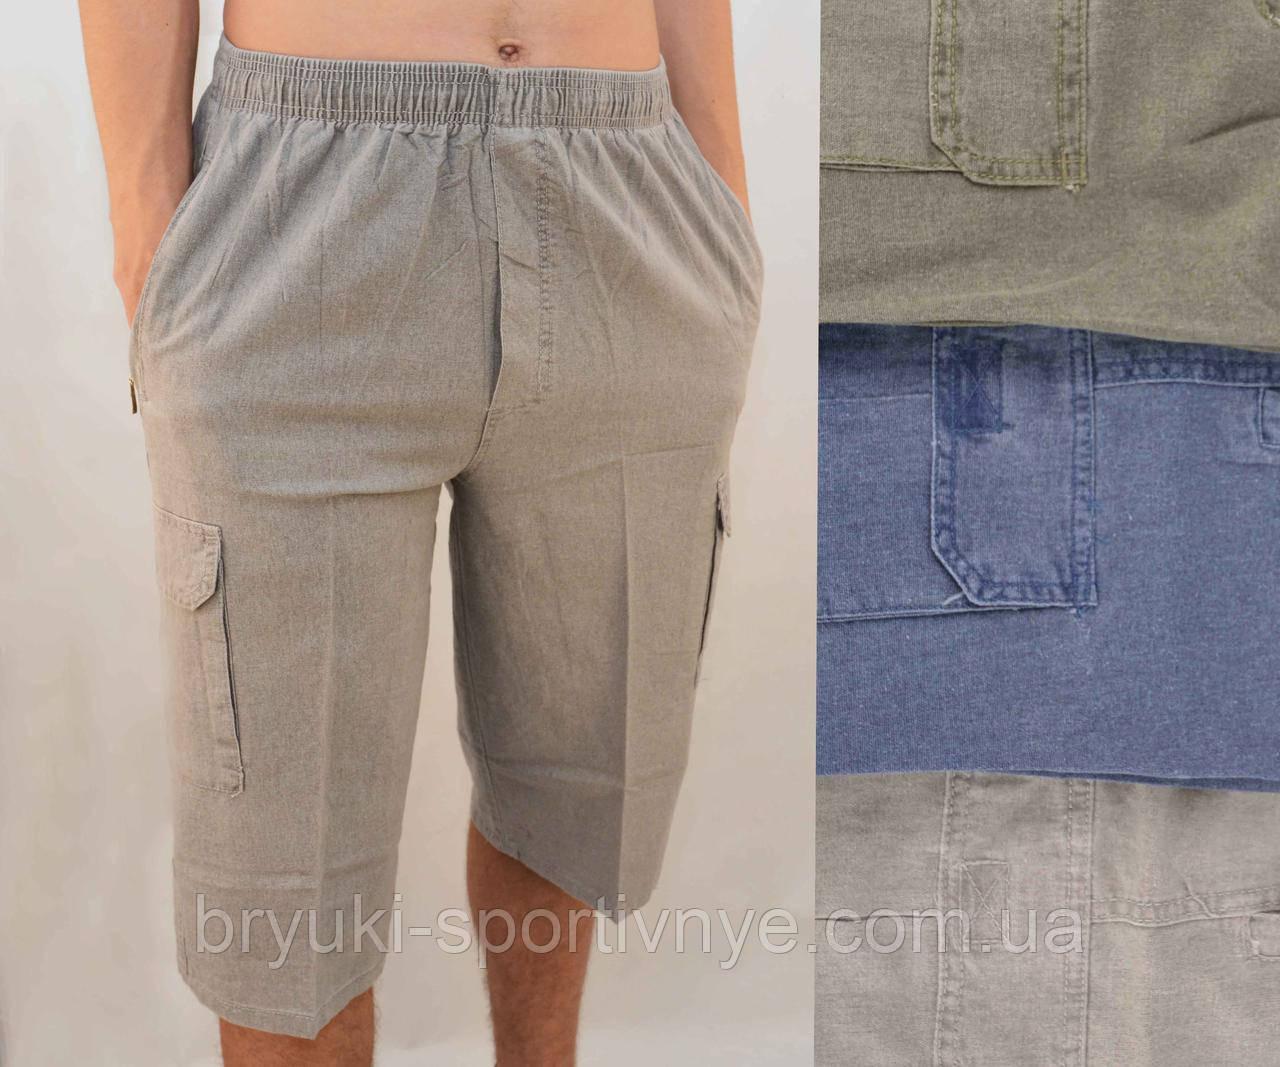 Бриджи мужские летние льняные с накладными карманами  Шорты лен Норма от XL до 5XL Серый